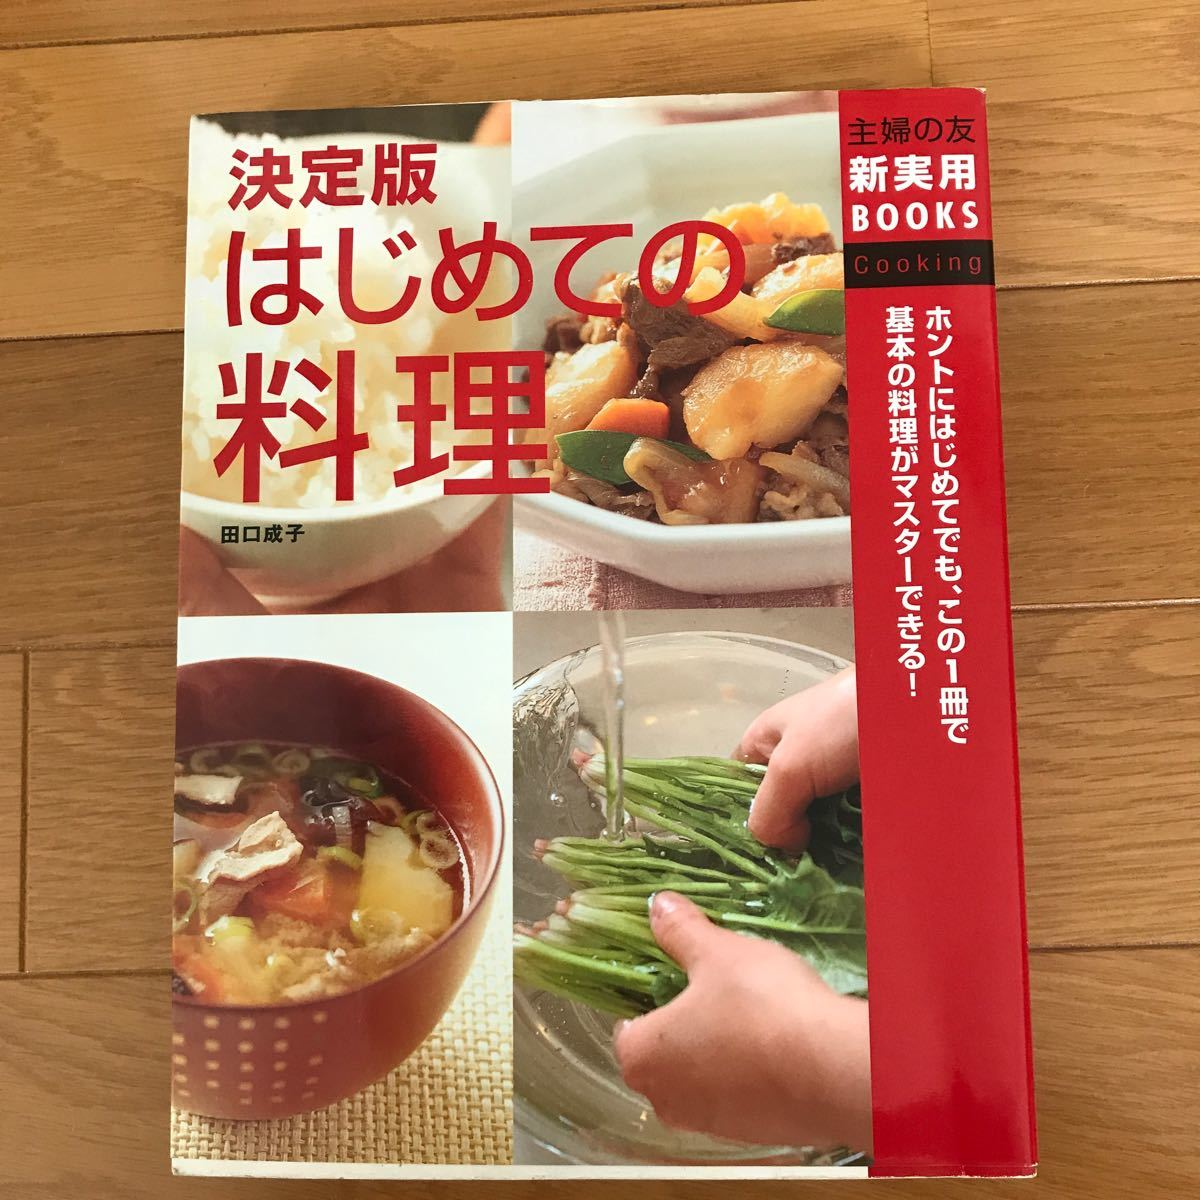 ≪料理・グルメ≫ 決定版 はじめての料理 / 田口成子